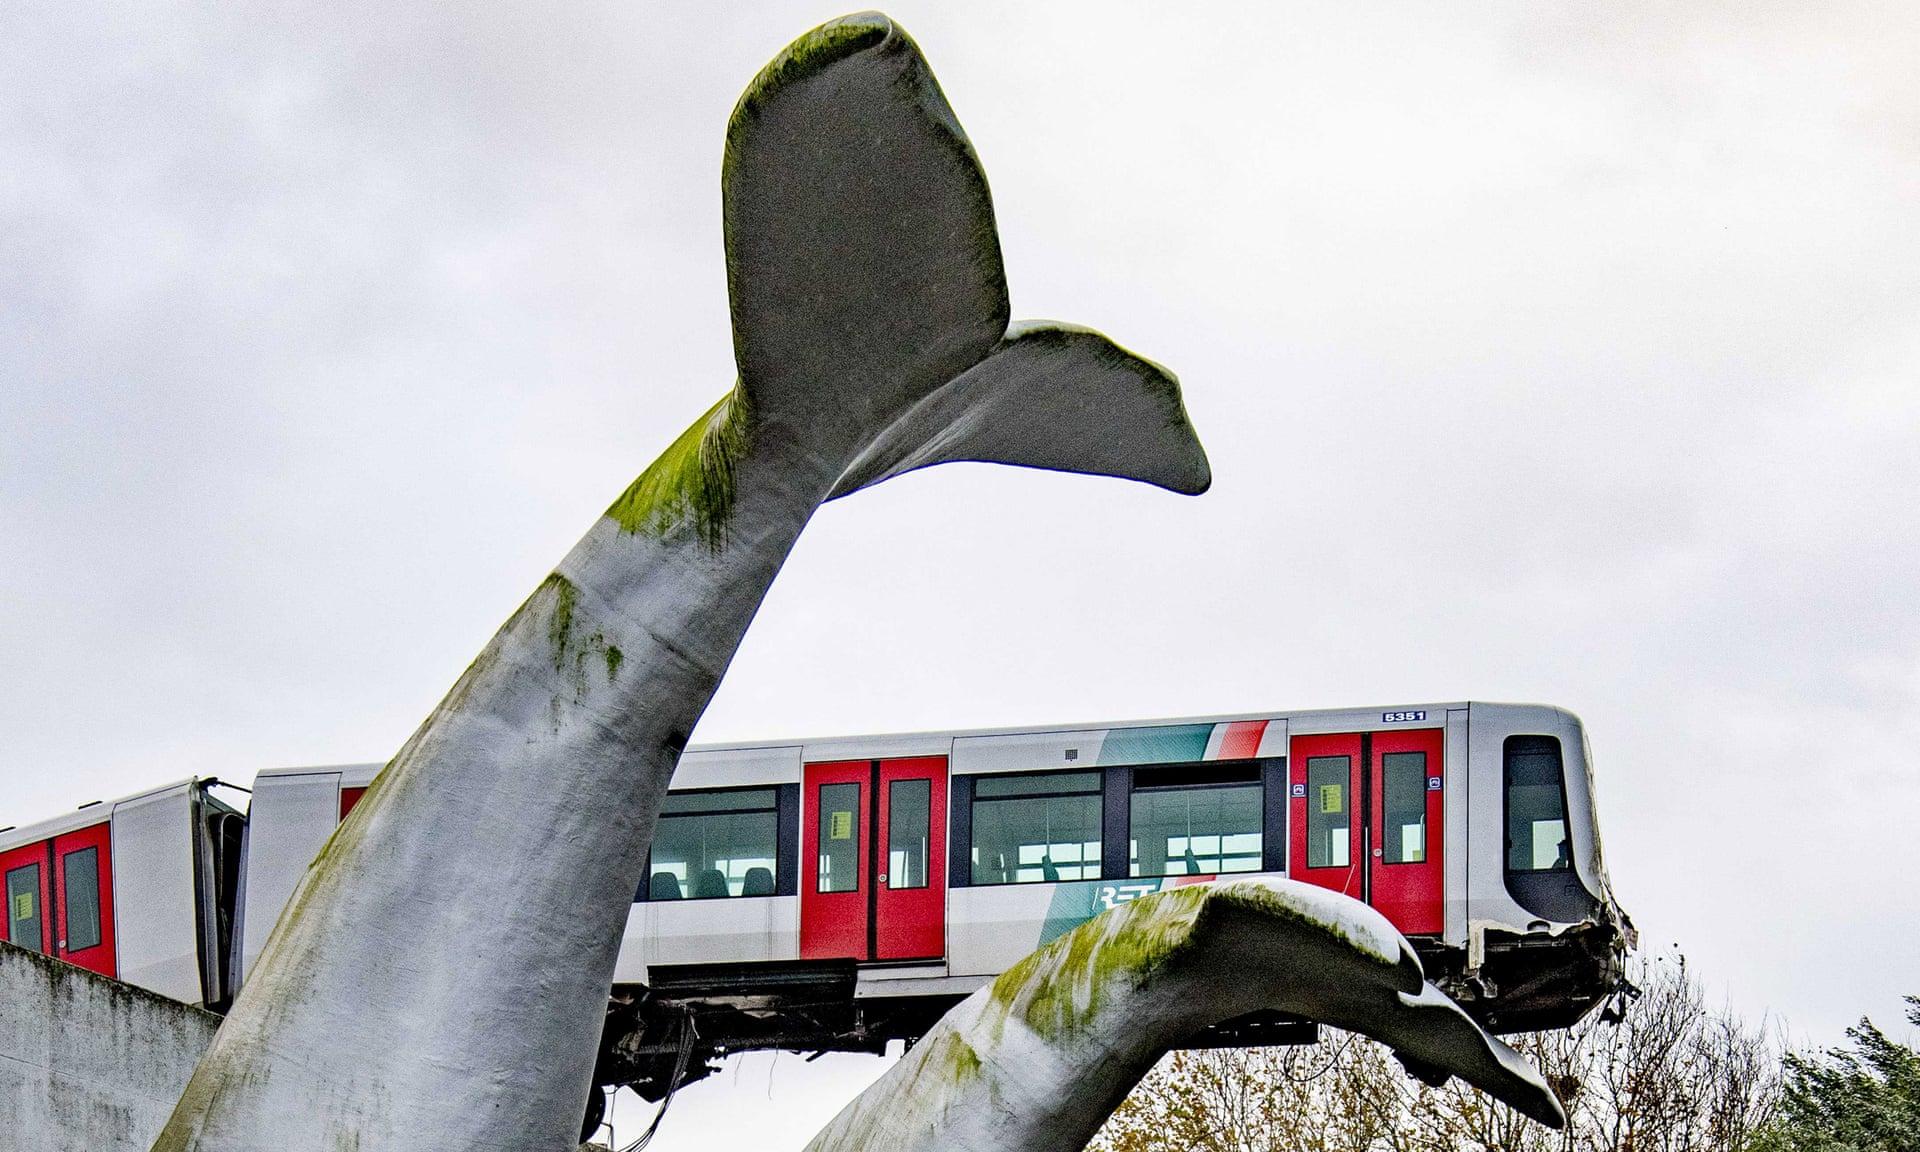 Rangkaian KRL Rotterdam Metro yang tersangkut di patung berbentuk ekor paus   Foto: EPA via The Guardian